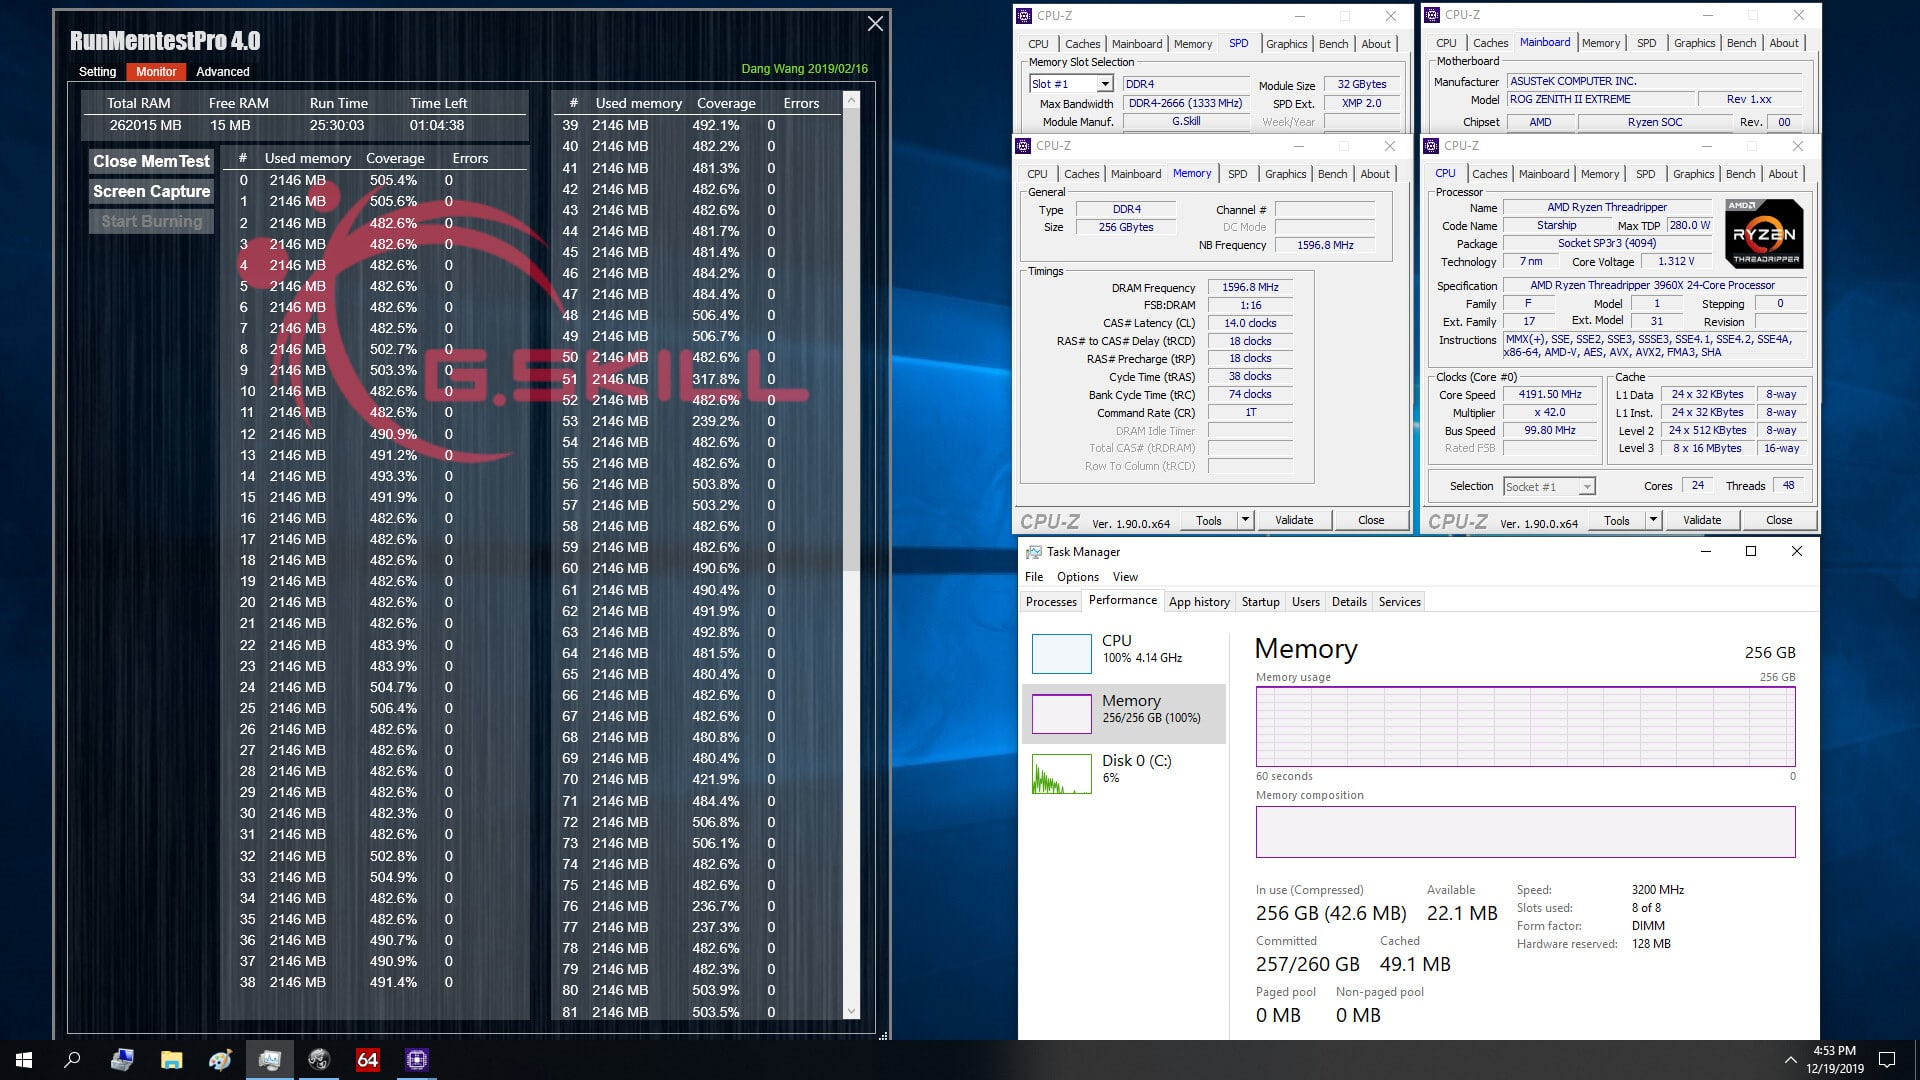 G.Skill DDR4-3200 CL14